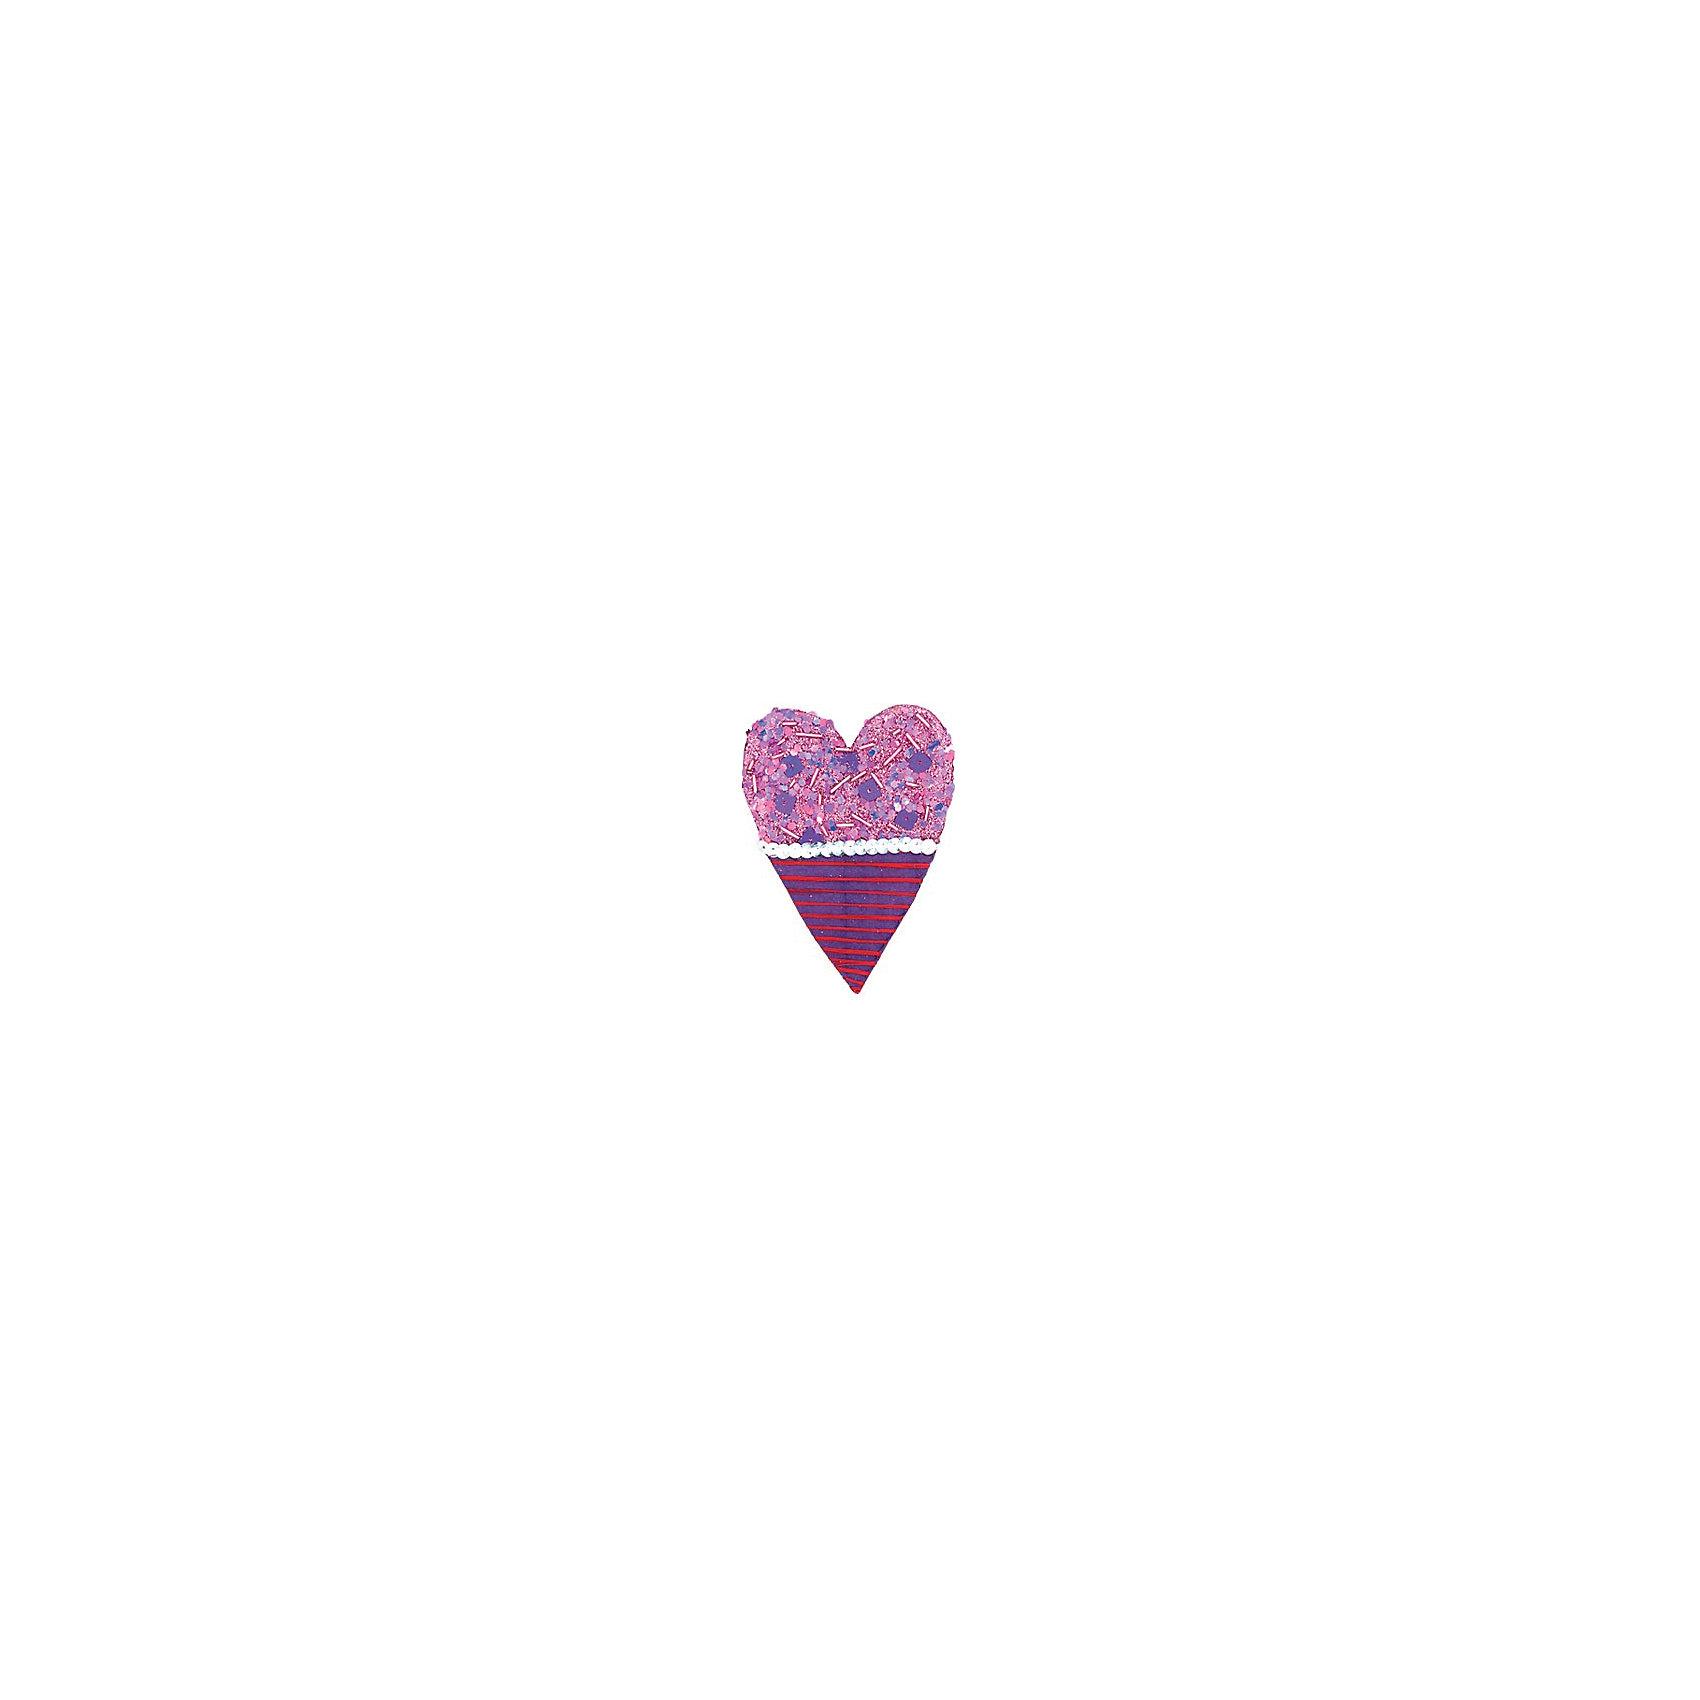 Marko Ferenzo Фиолетовое украшение Сердце 11 см marko ferenzo набор желудей 3 шт grande 4 см золотой